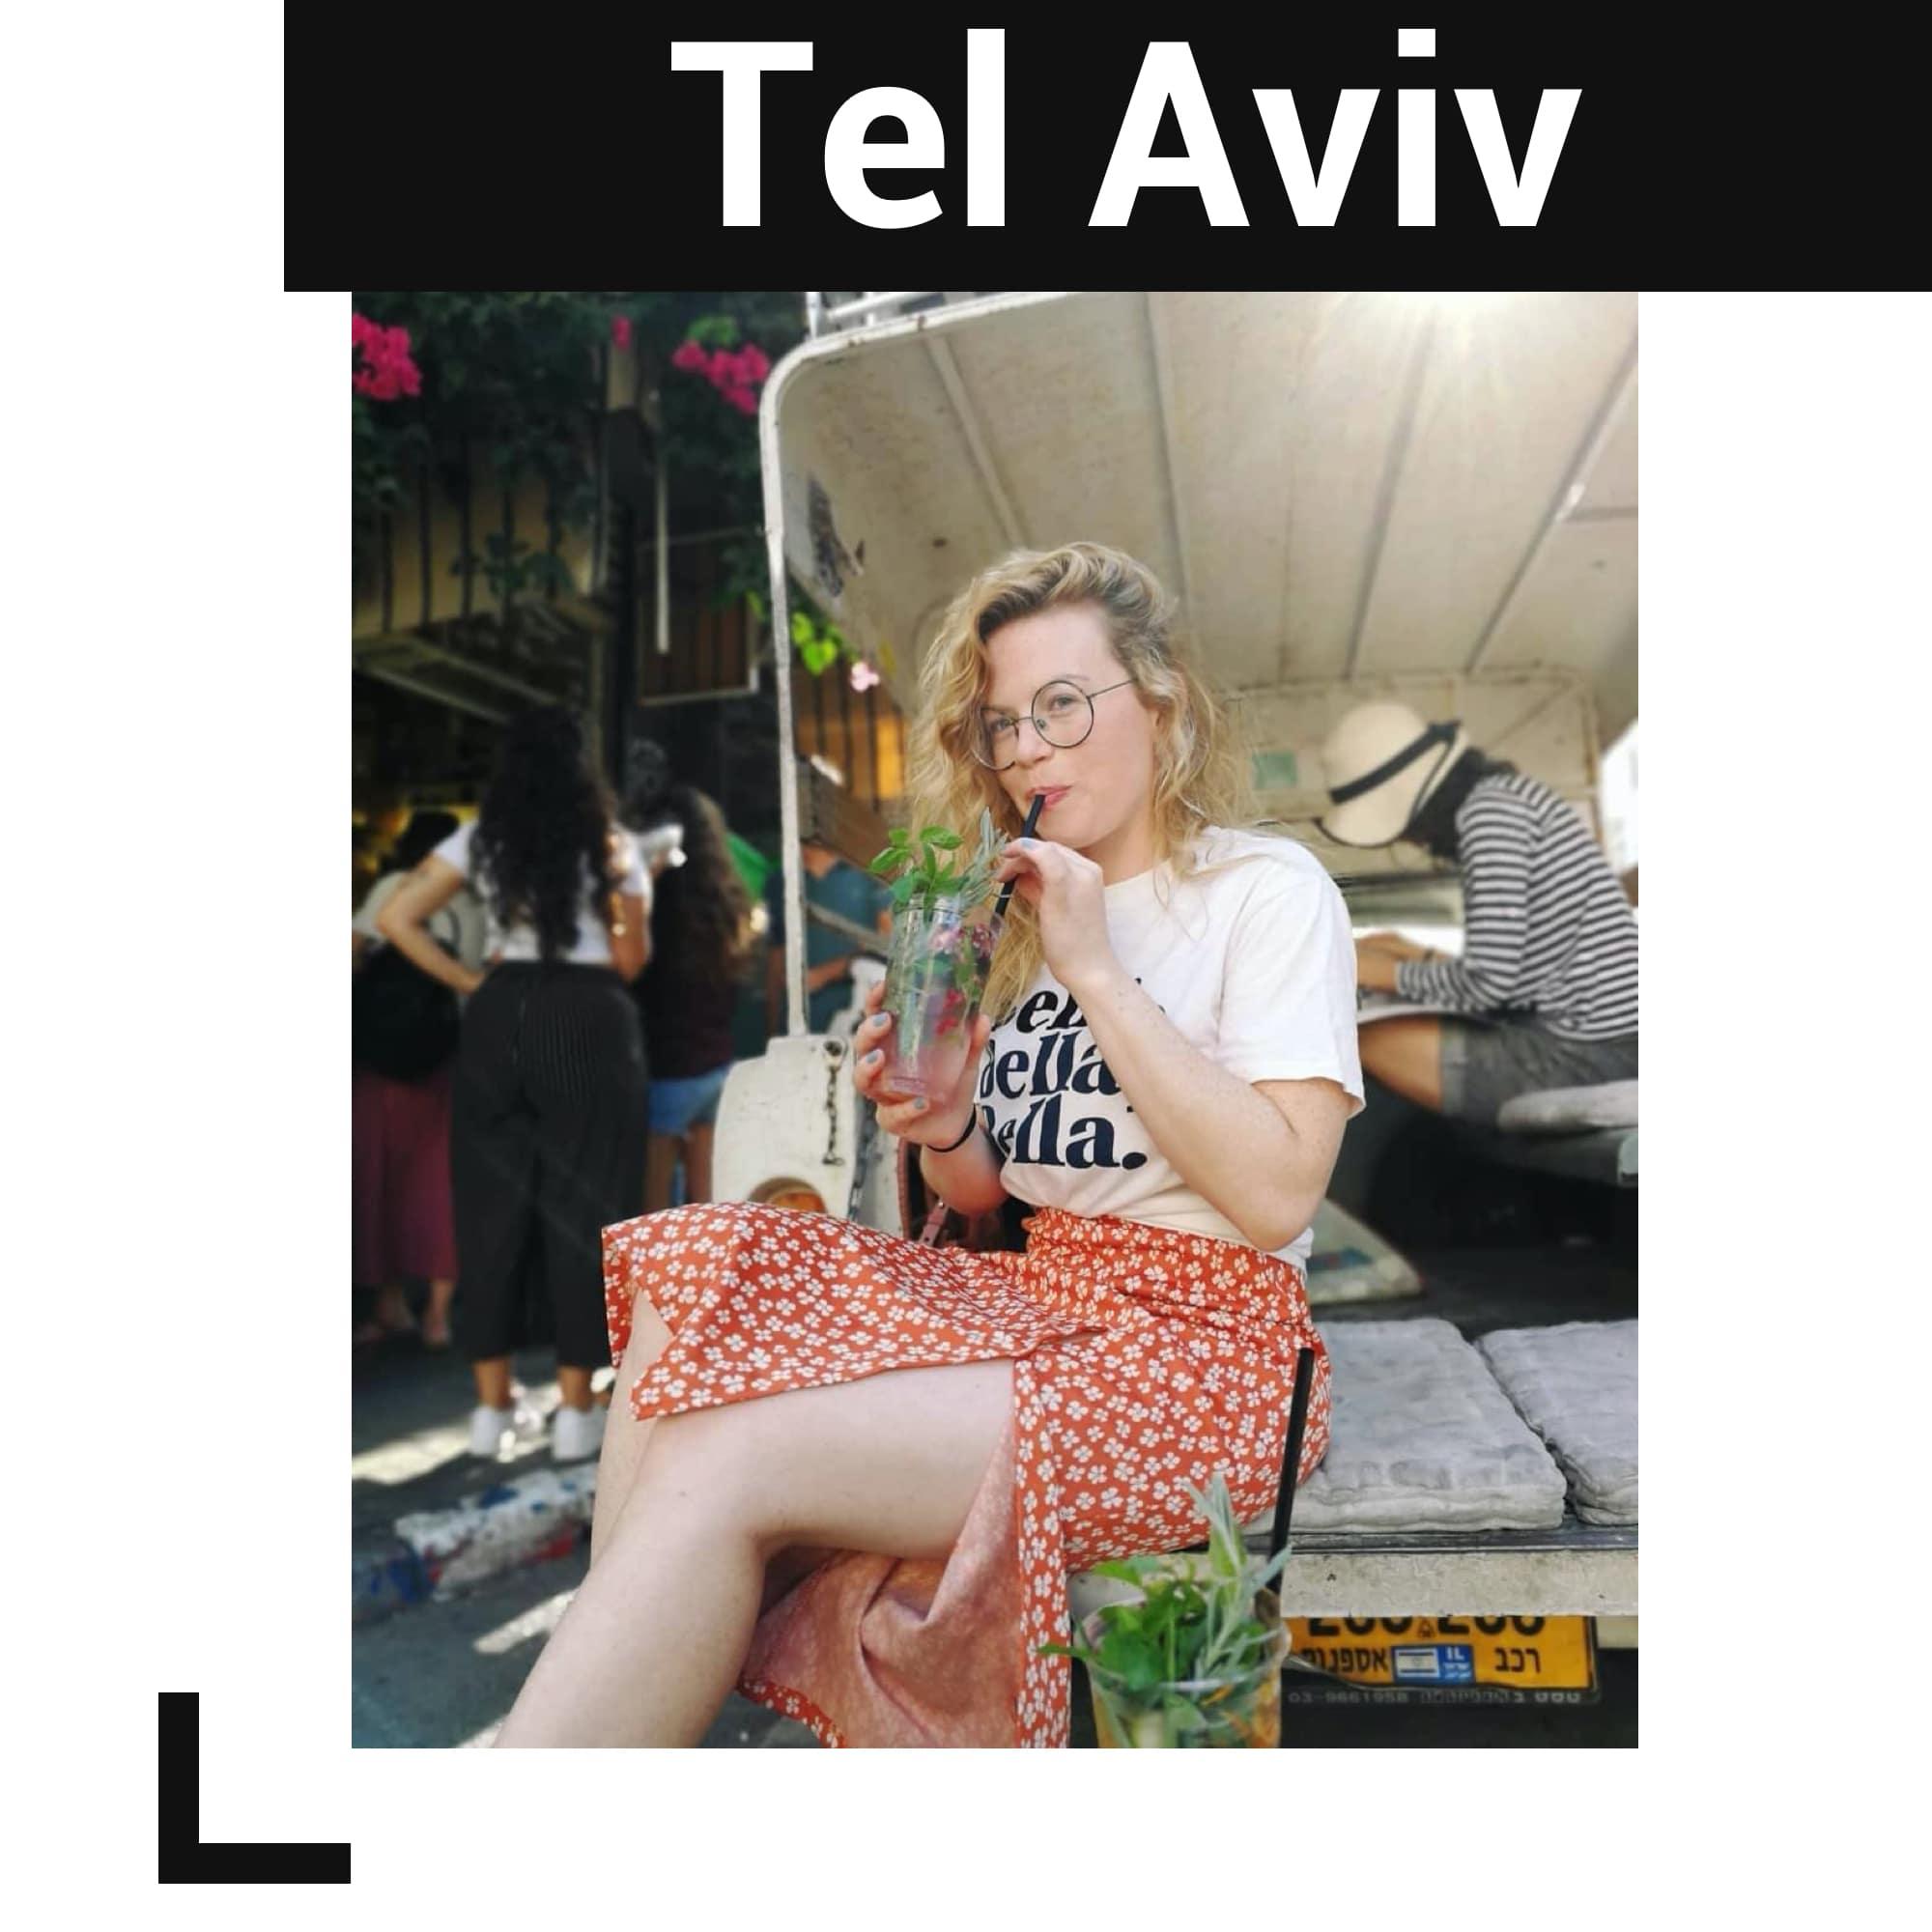 Caffe Levinsky 41 in Tel Aviv